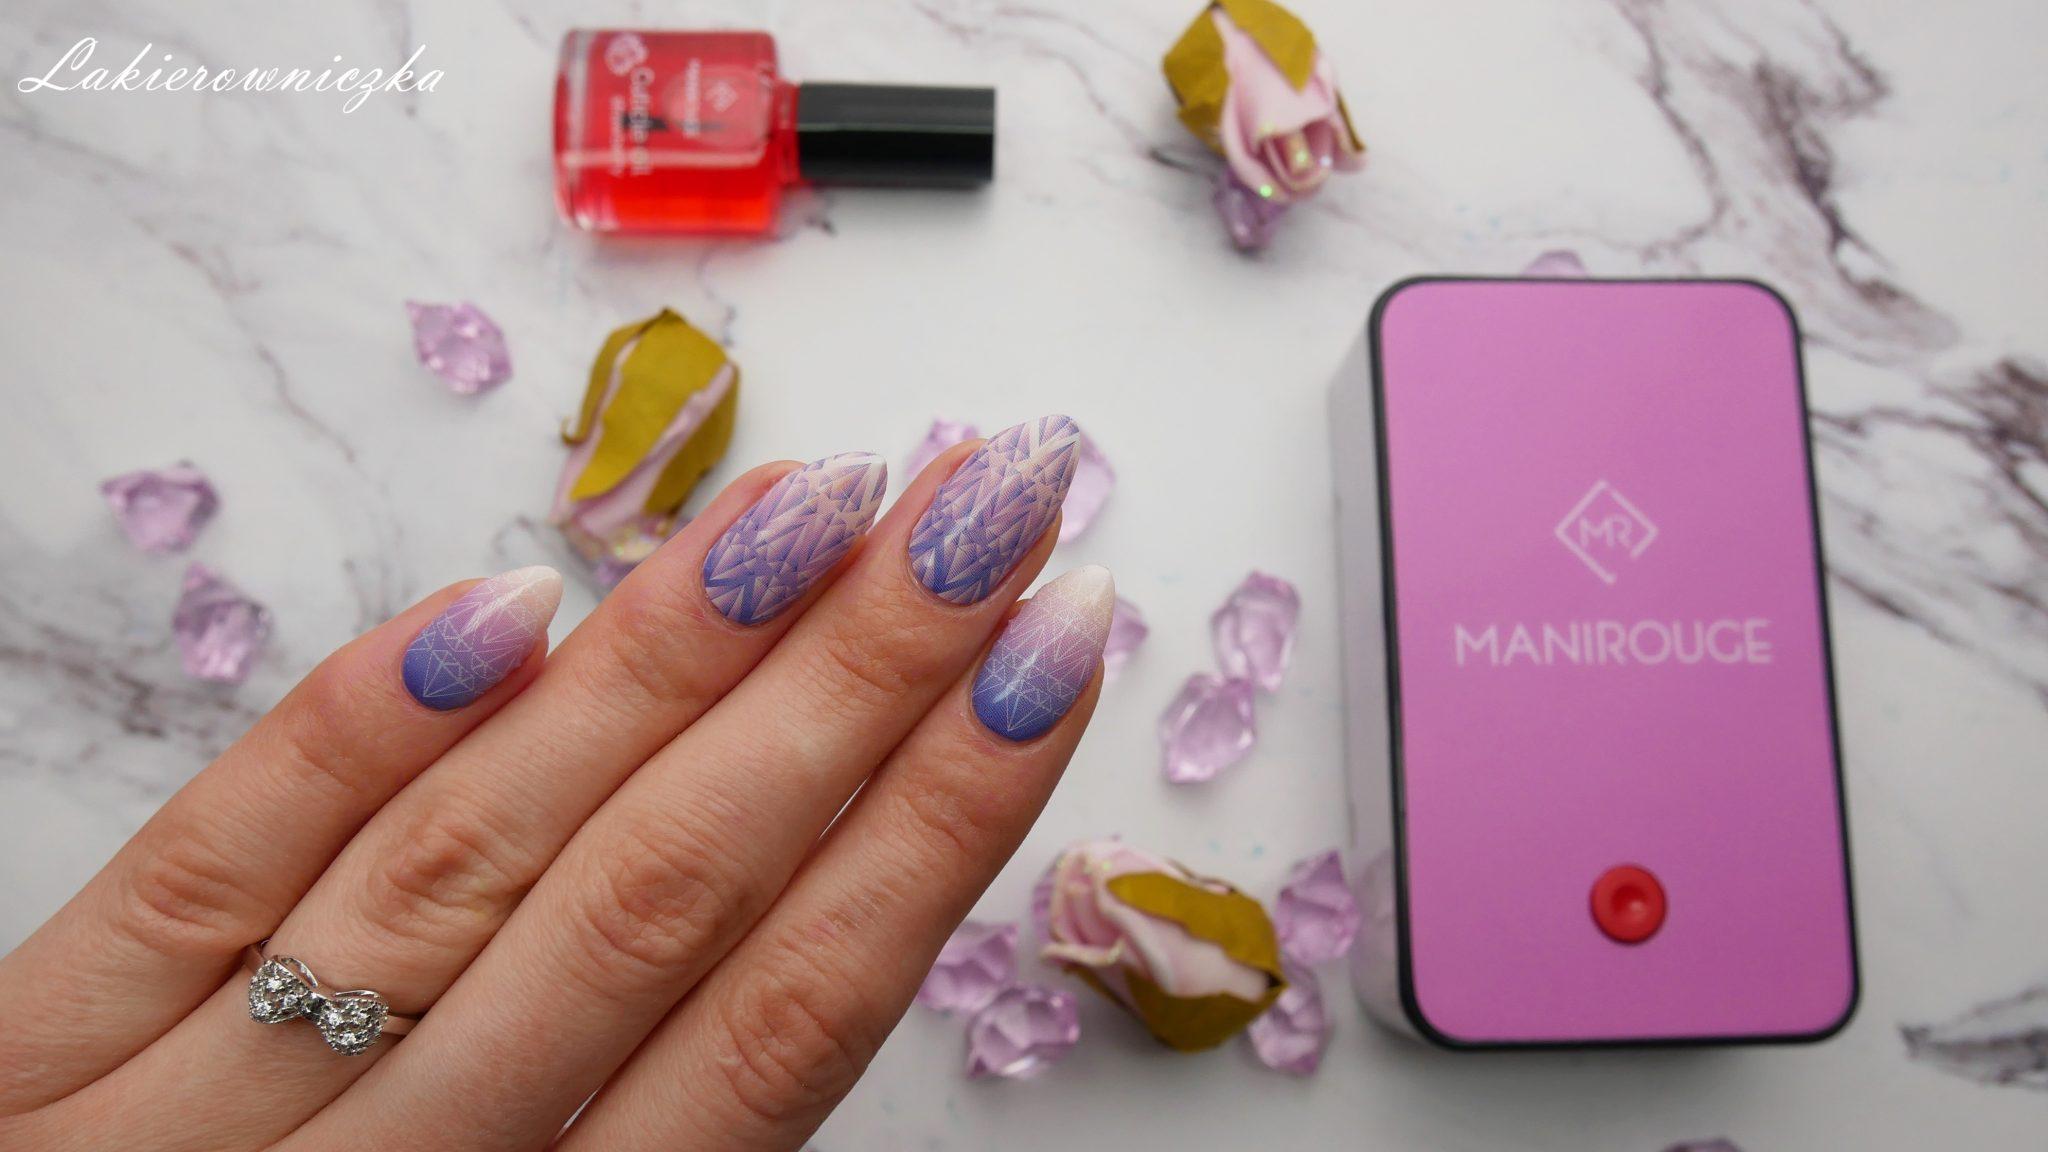 Naklejki-Manirouge-Desire-termiczne-trwale-2-tygodnie-Lakierowniczka-paznokcie-nails-diamenty-zdobienie-naklejki Manirouge Desire